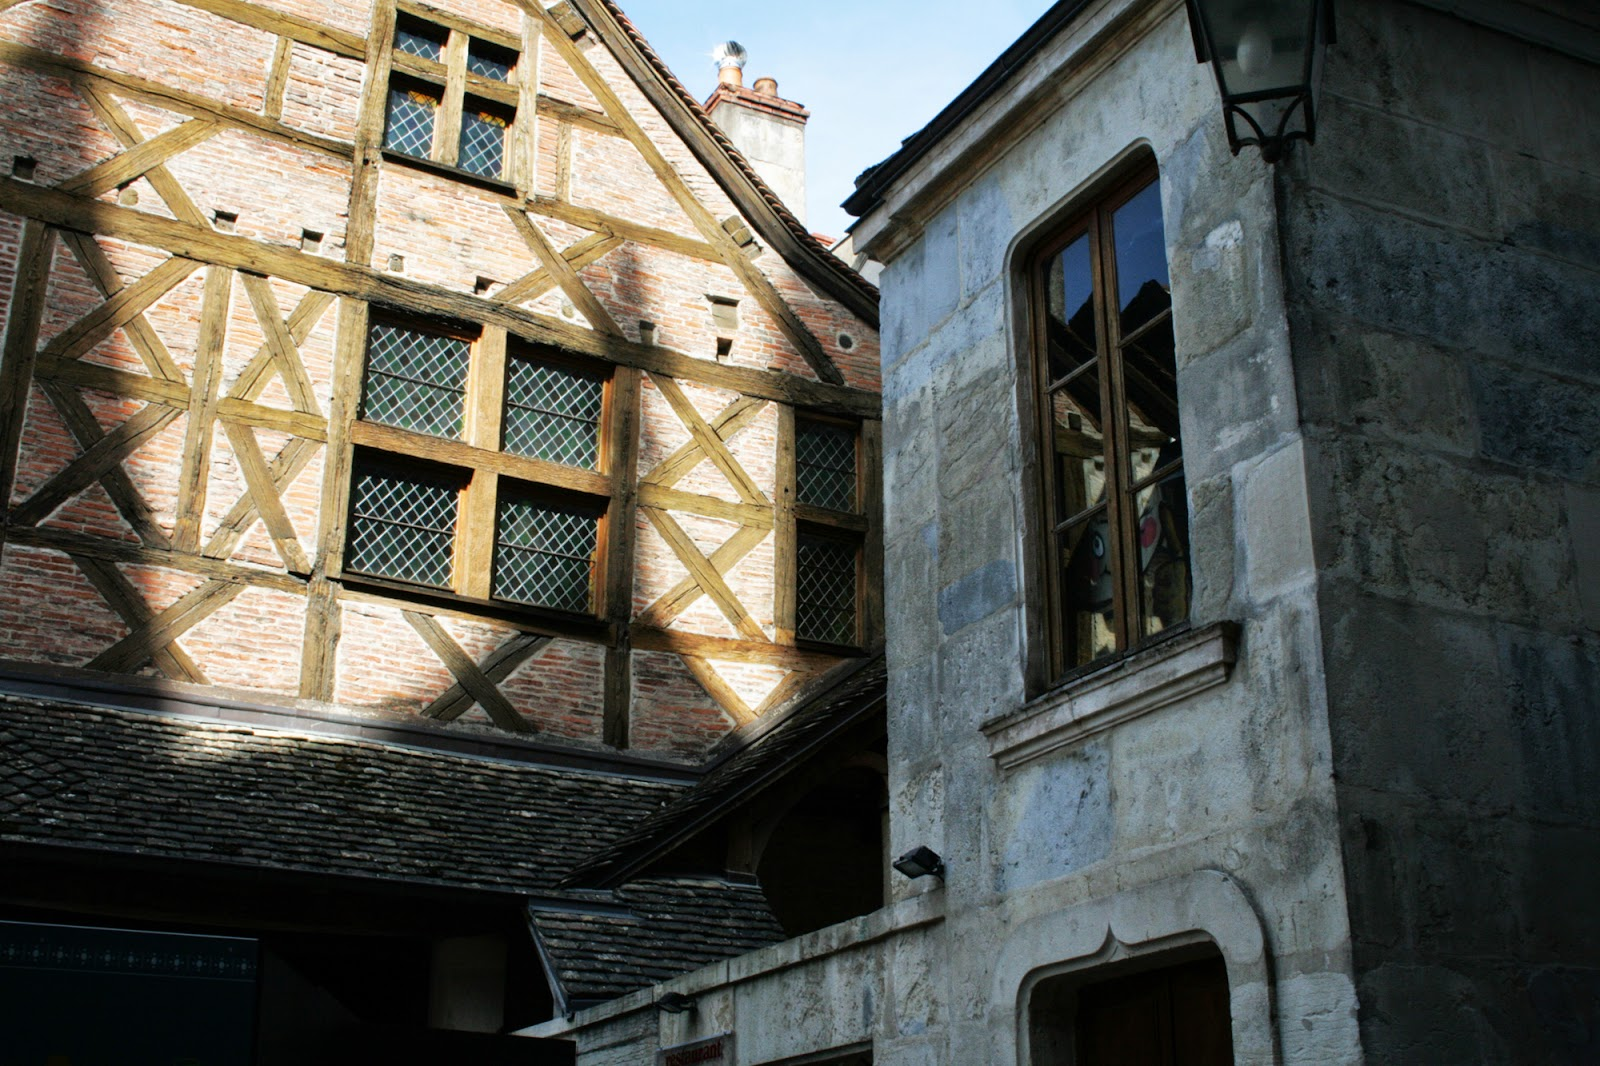 Maison colombage, rue de La Chouette